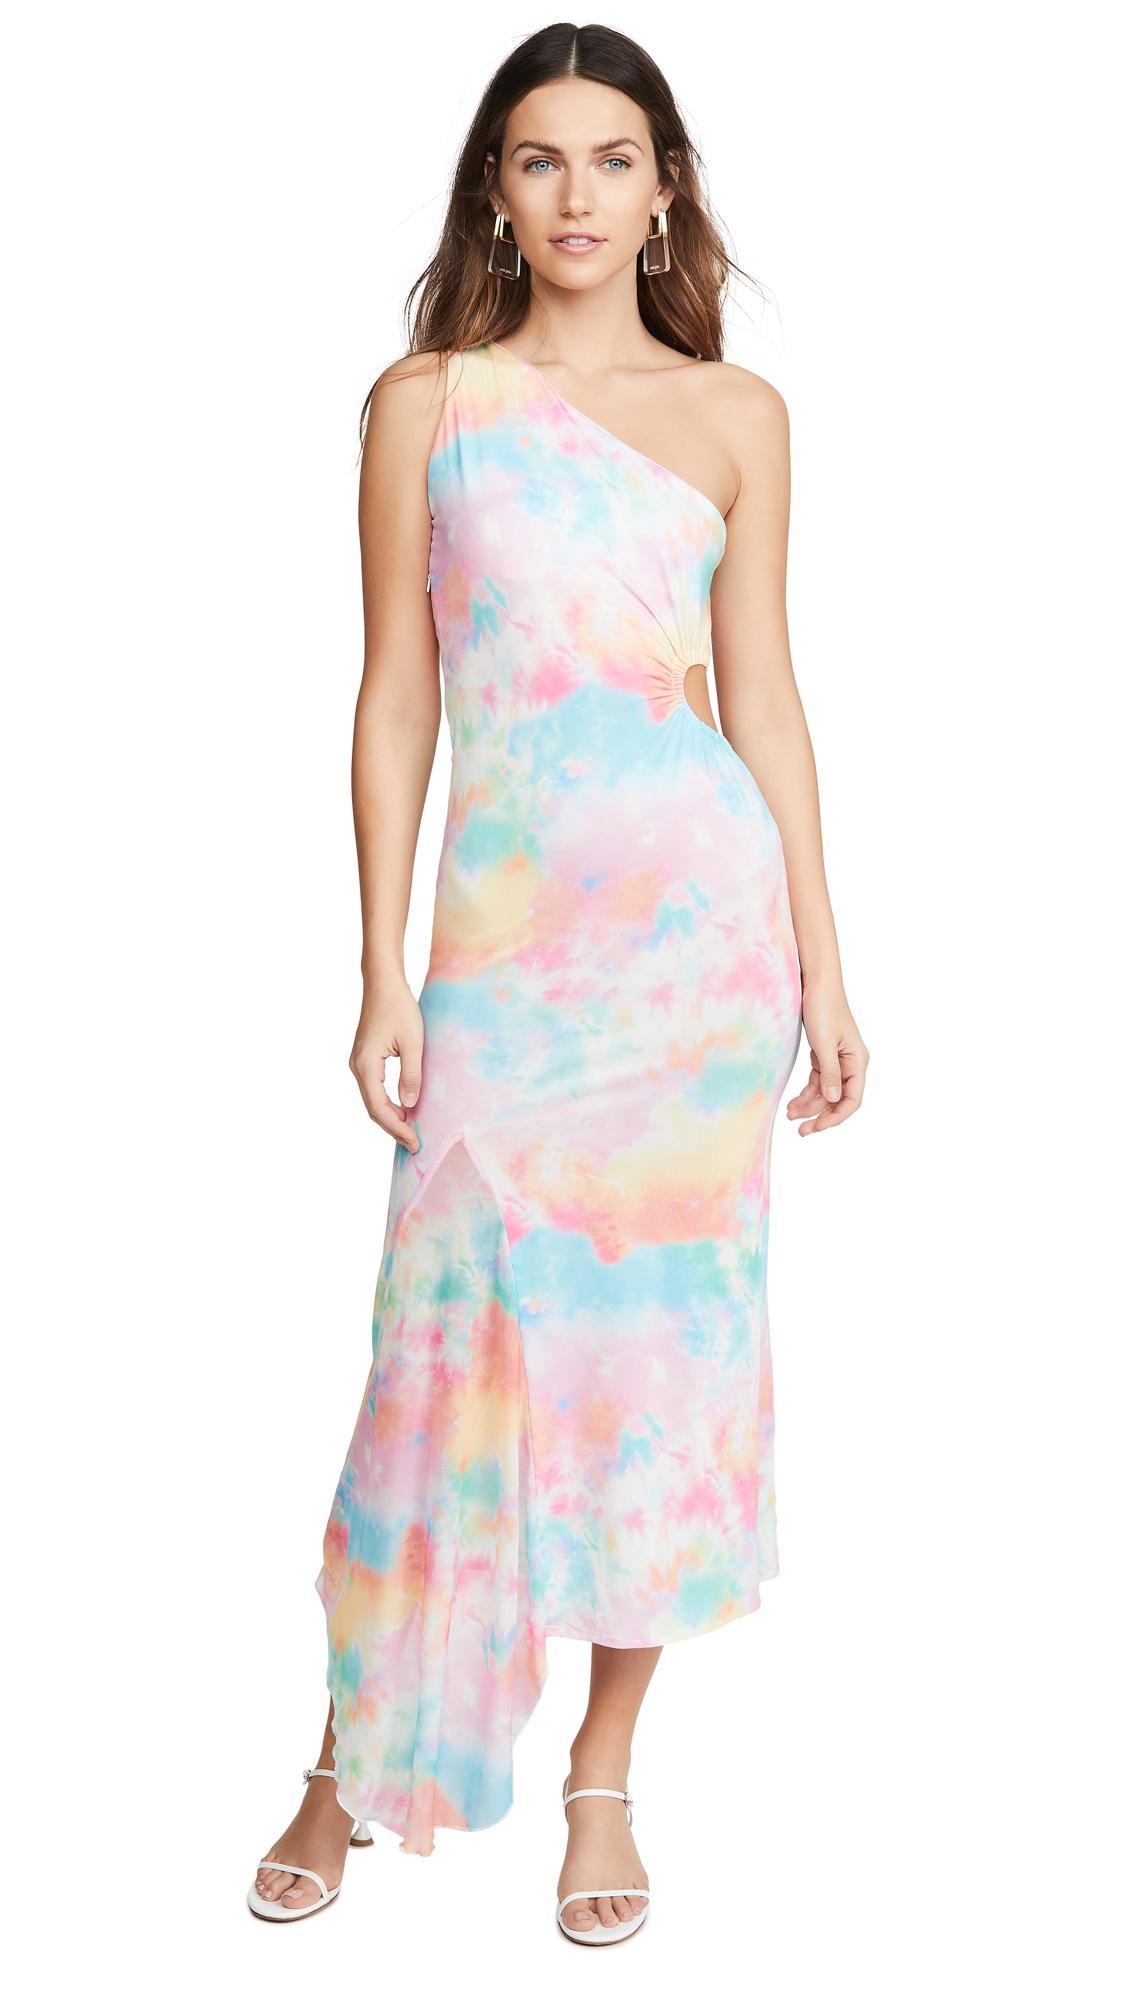 N DUO Tie Dye Cut Out Dress